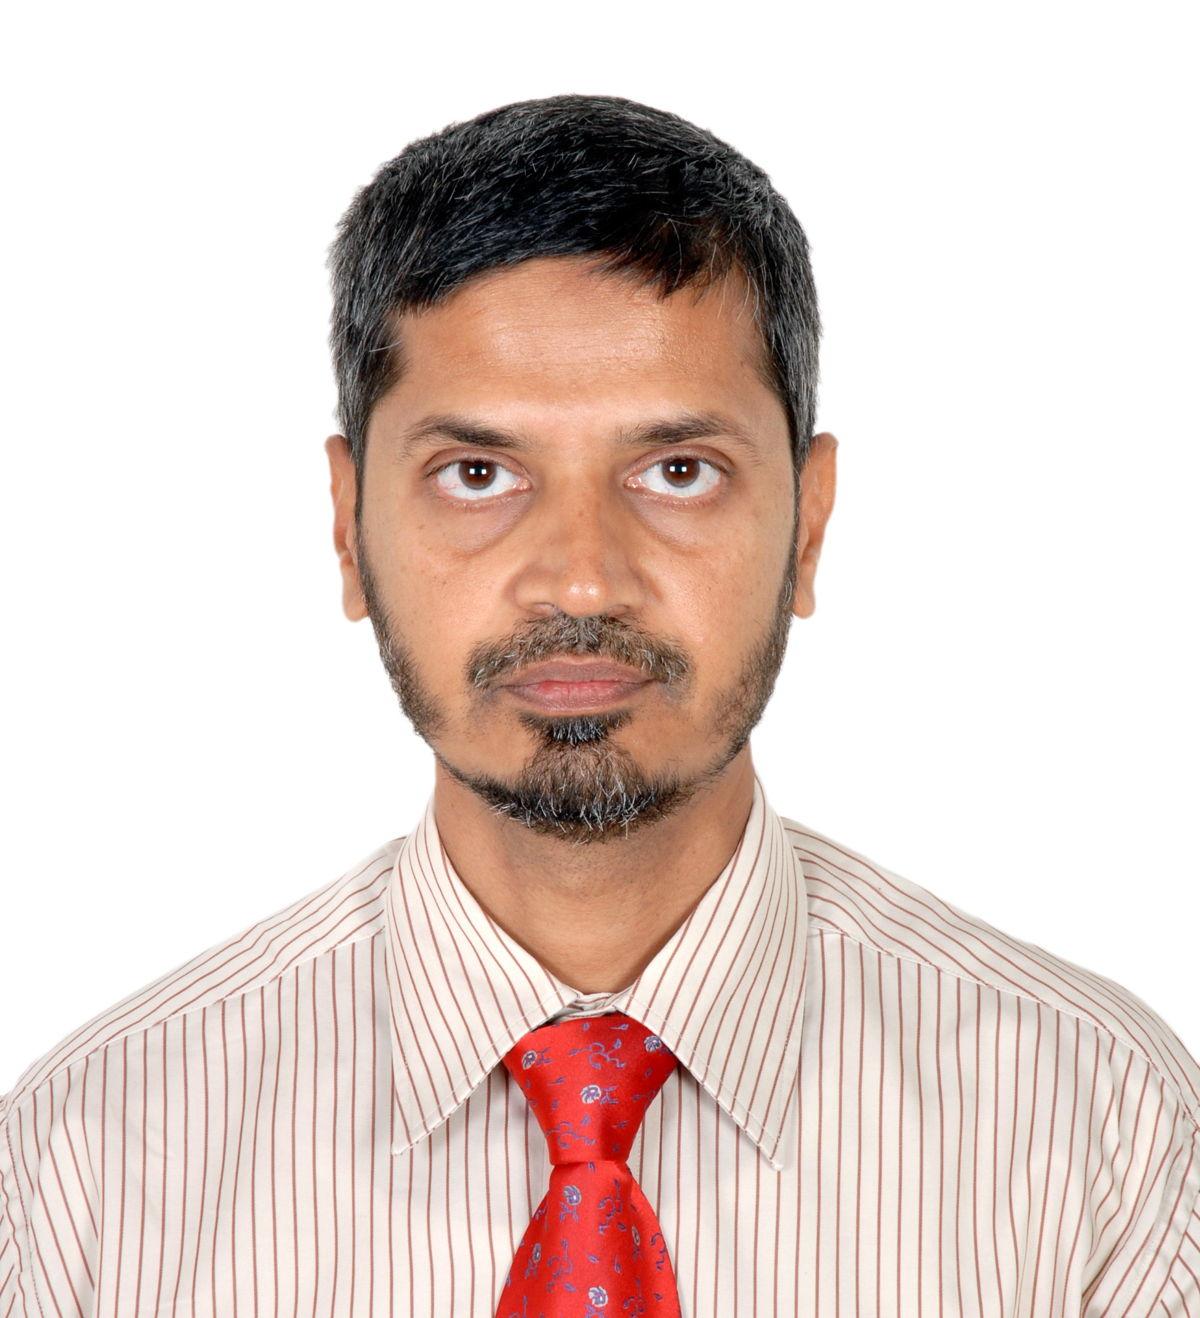 Arif Hussein